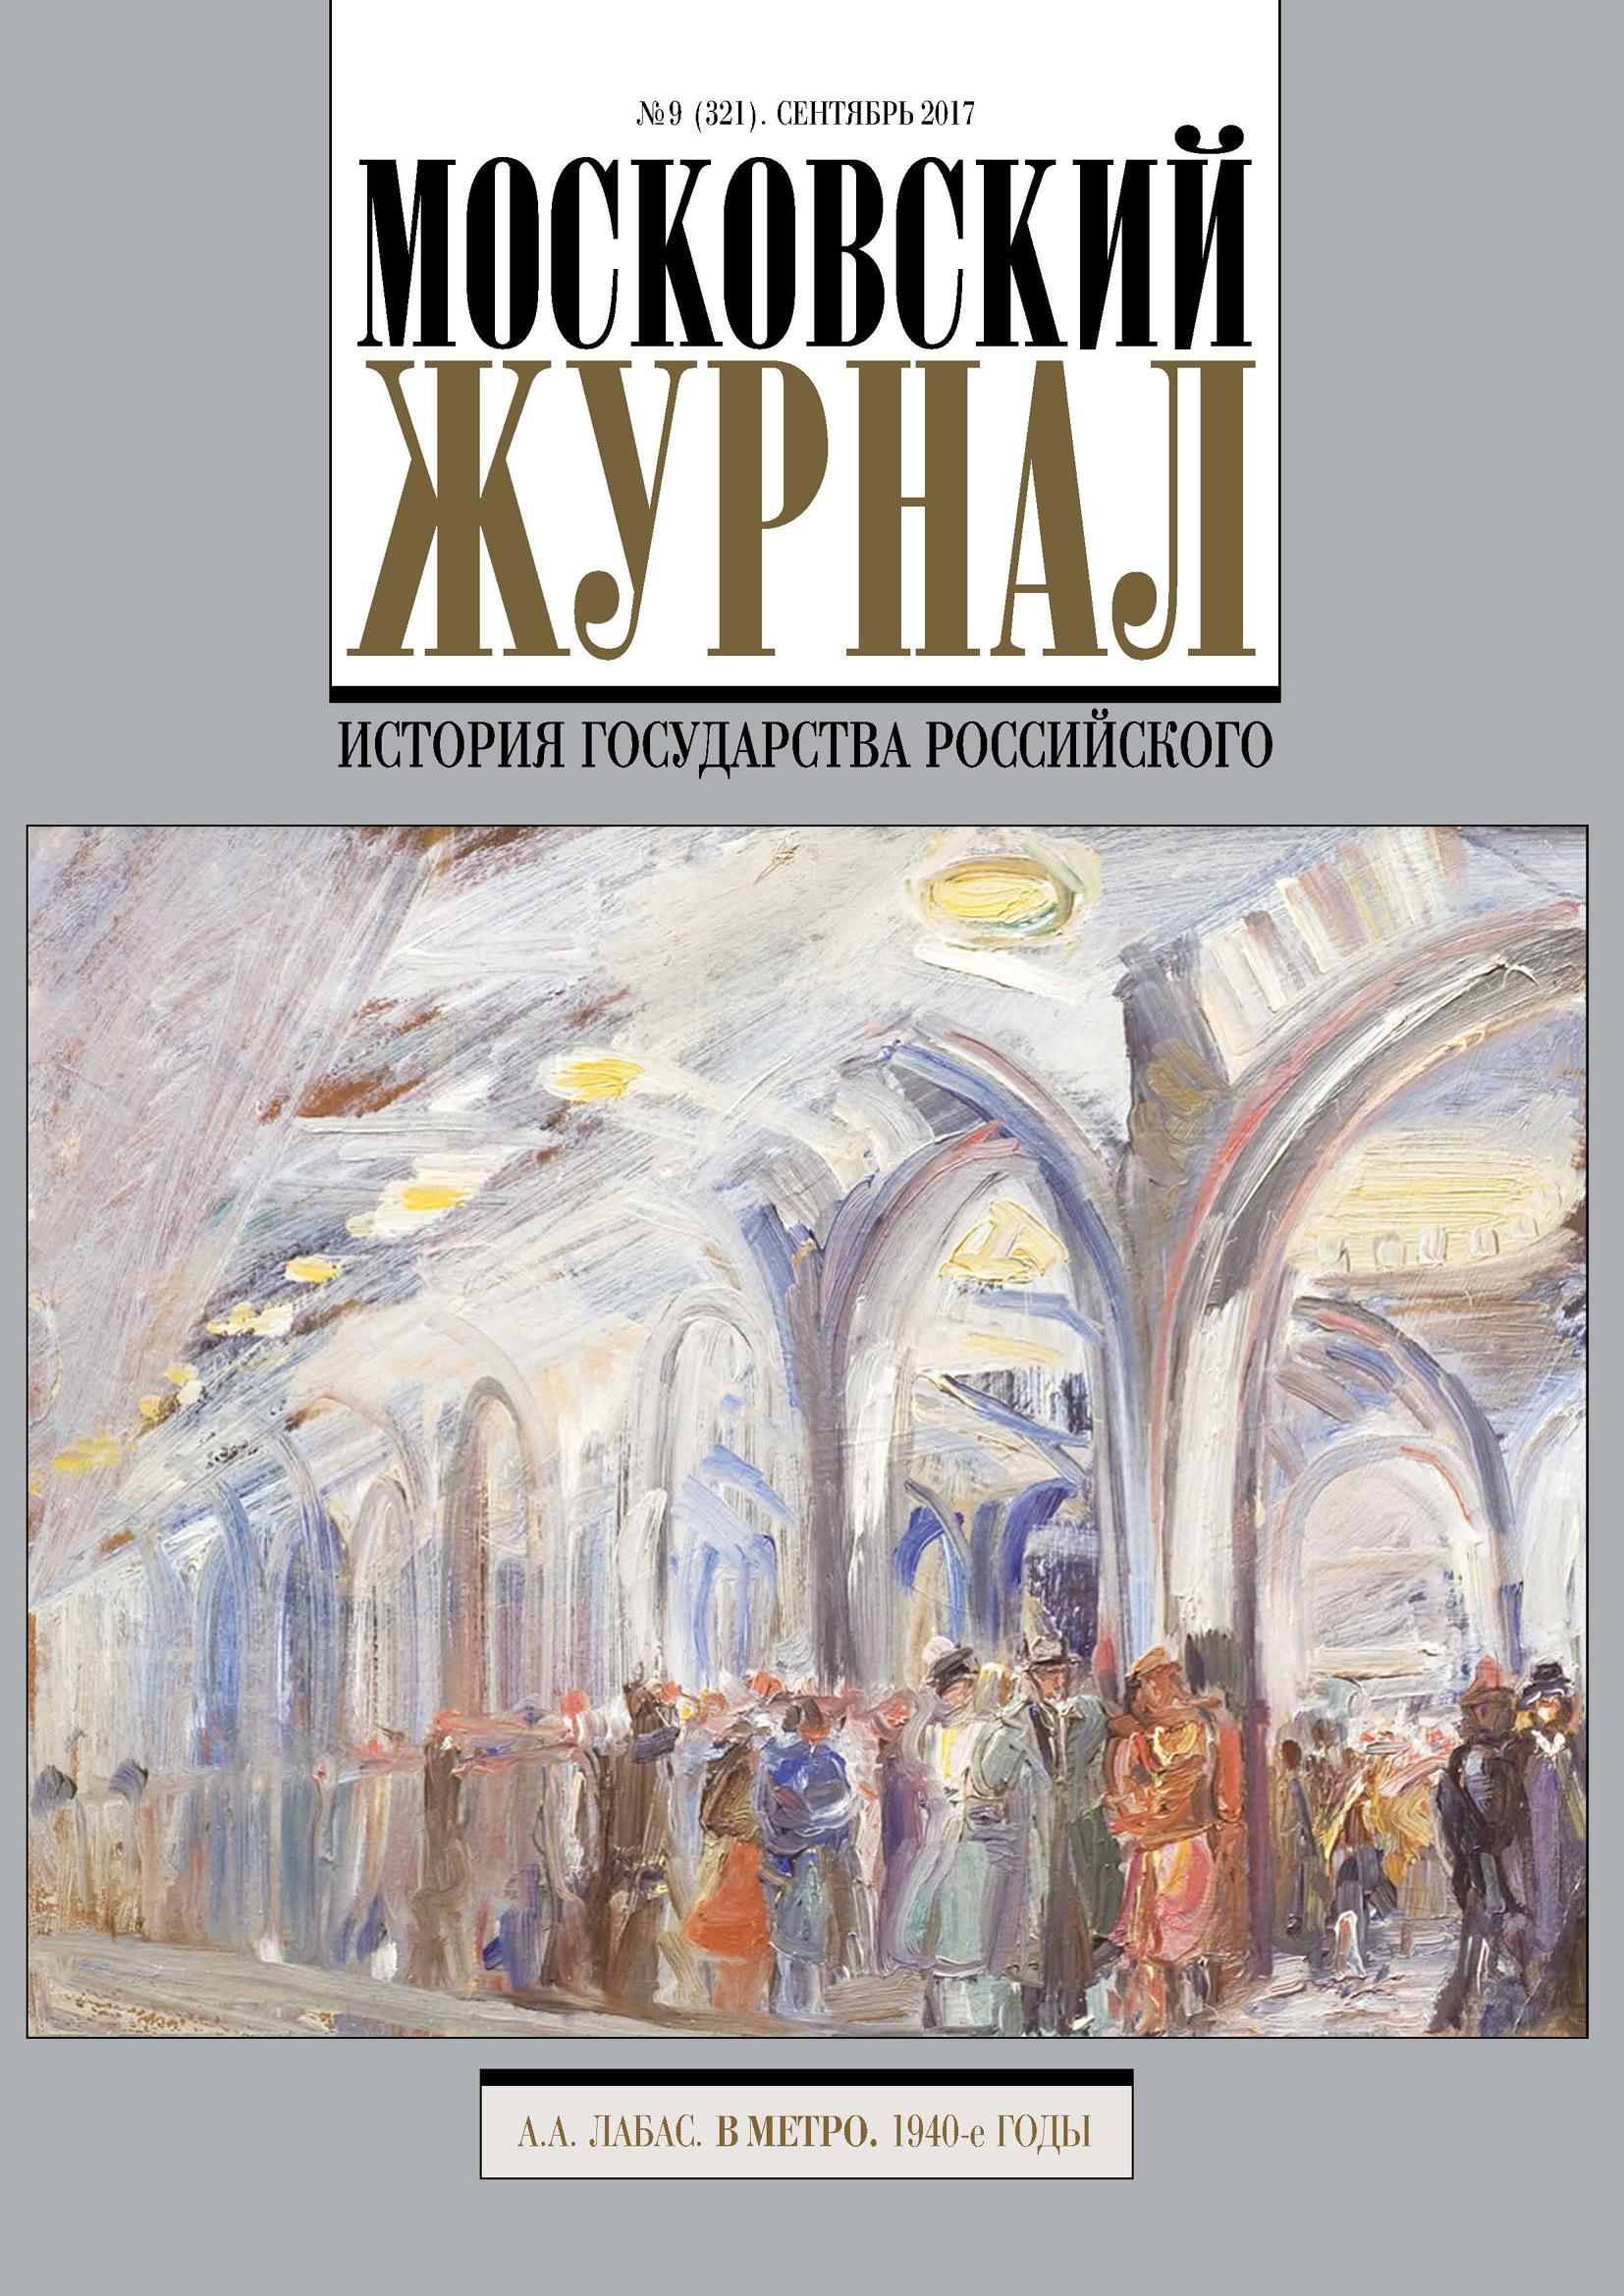 Московский Журнал. История государства Российского №9 (321) 2017